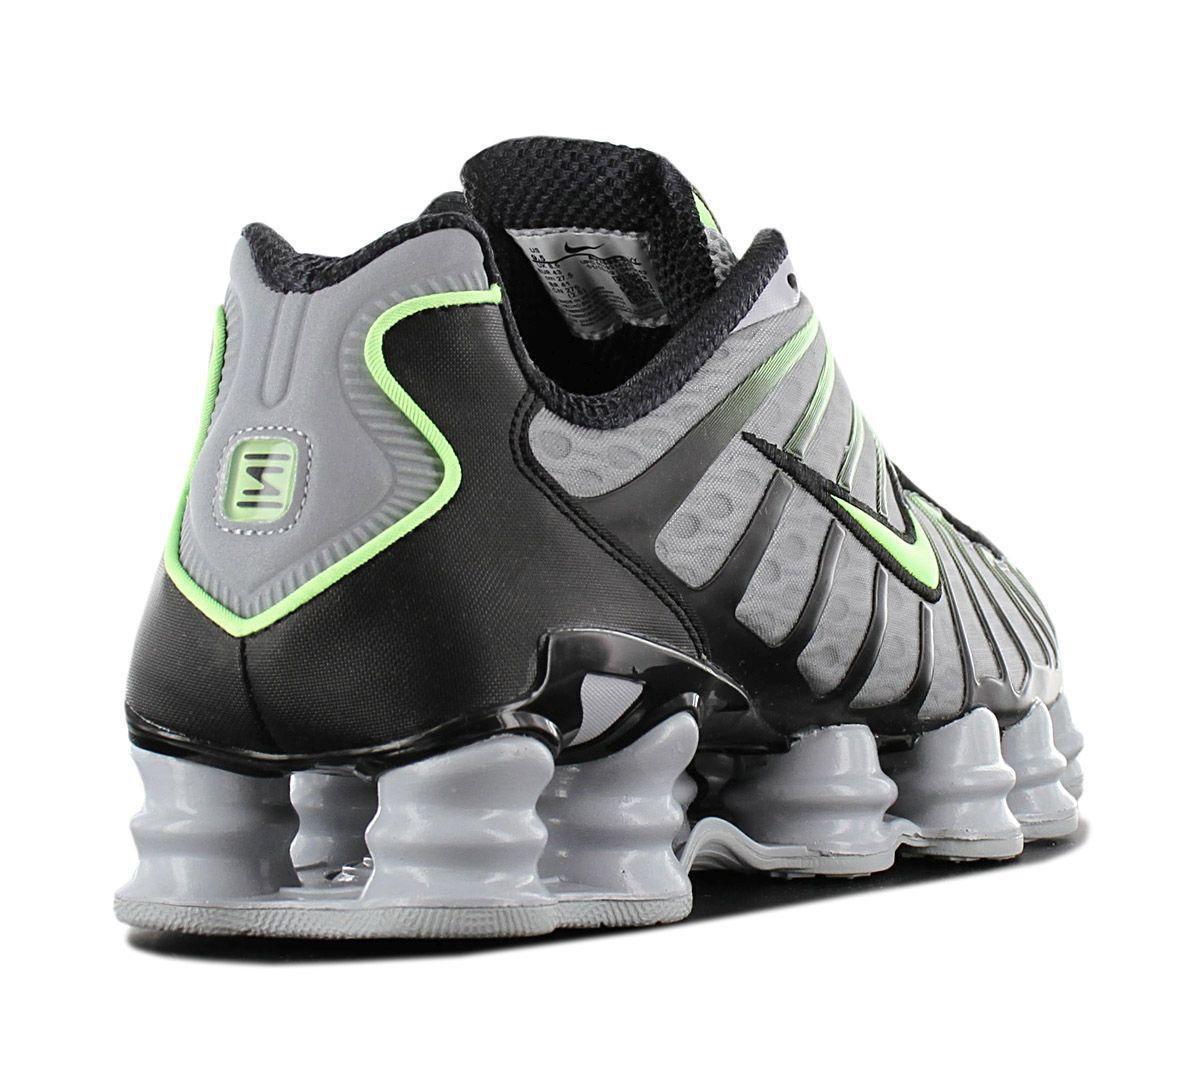 Nike Shox TL AV3595 005 Heren Sneakers Schoenen Sportschoenen Veelkleurig Maat EU 42.5 US 9